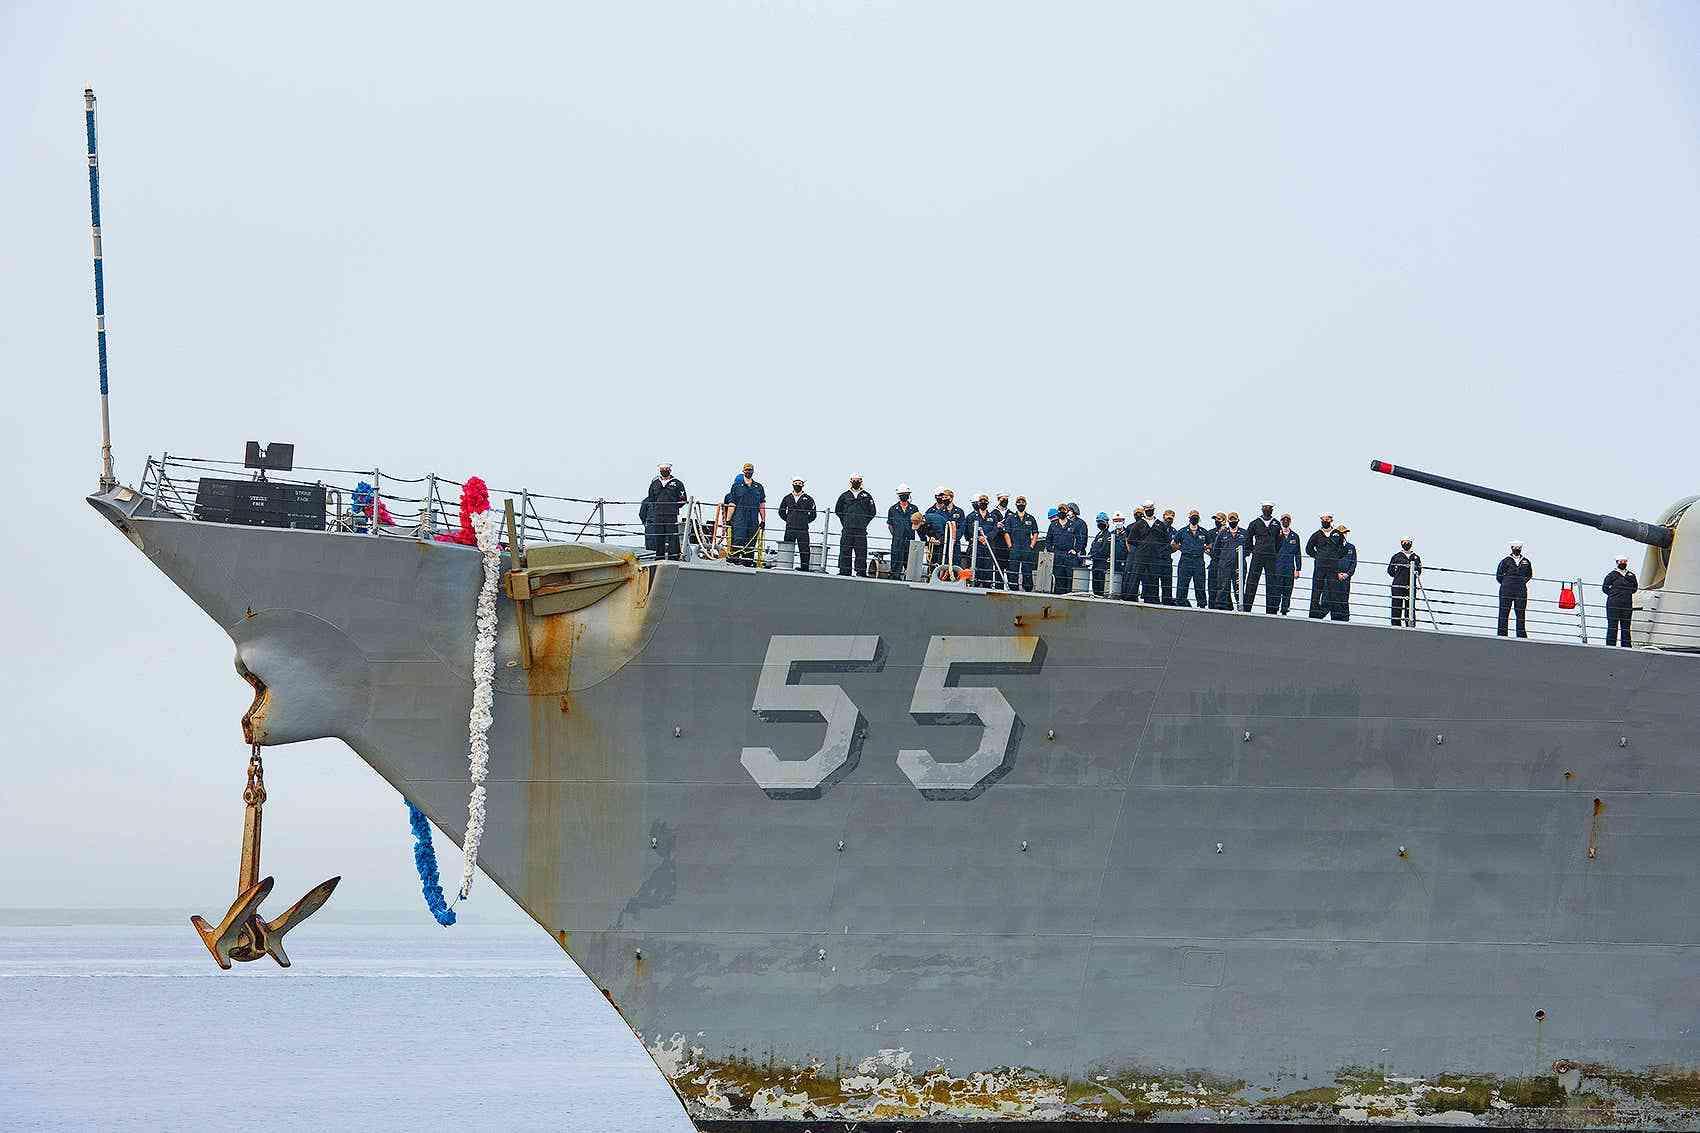 原创   美海军驱逐舰创下纪录,航行215天不靠岸,相控阵雷达锈迹斑斑    第3张